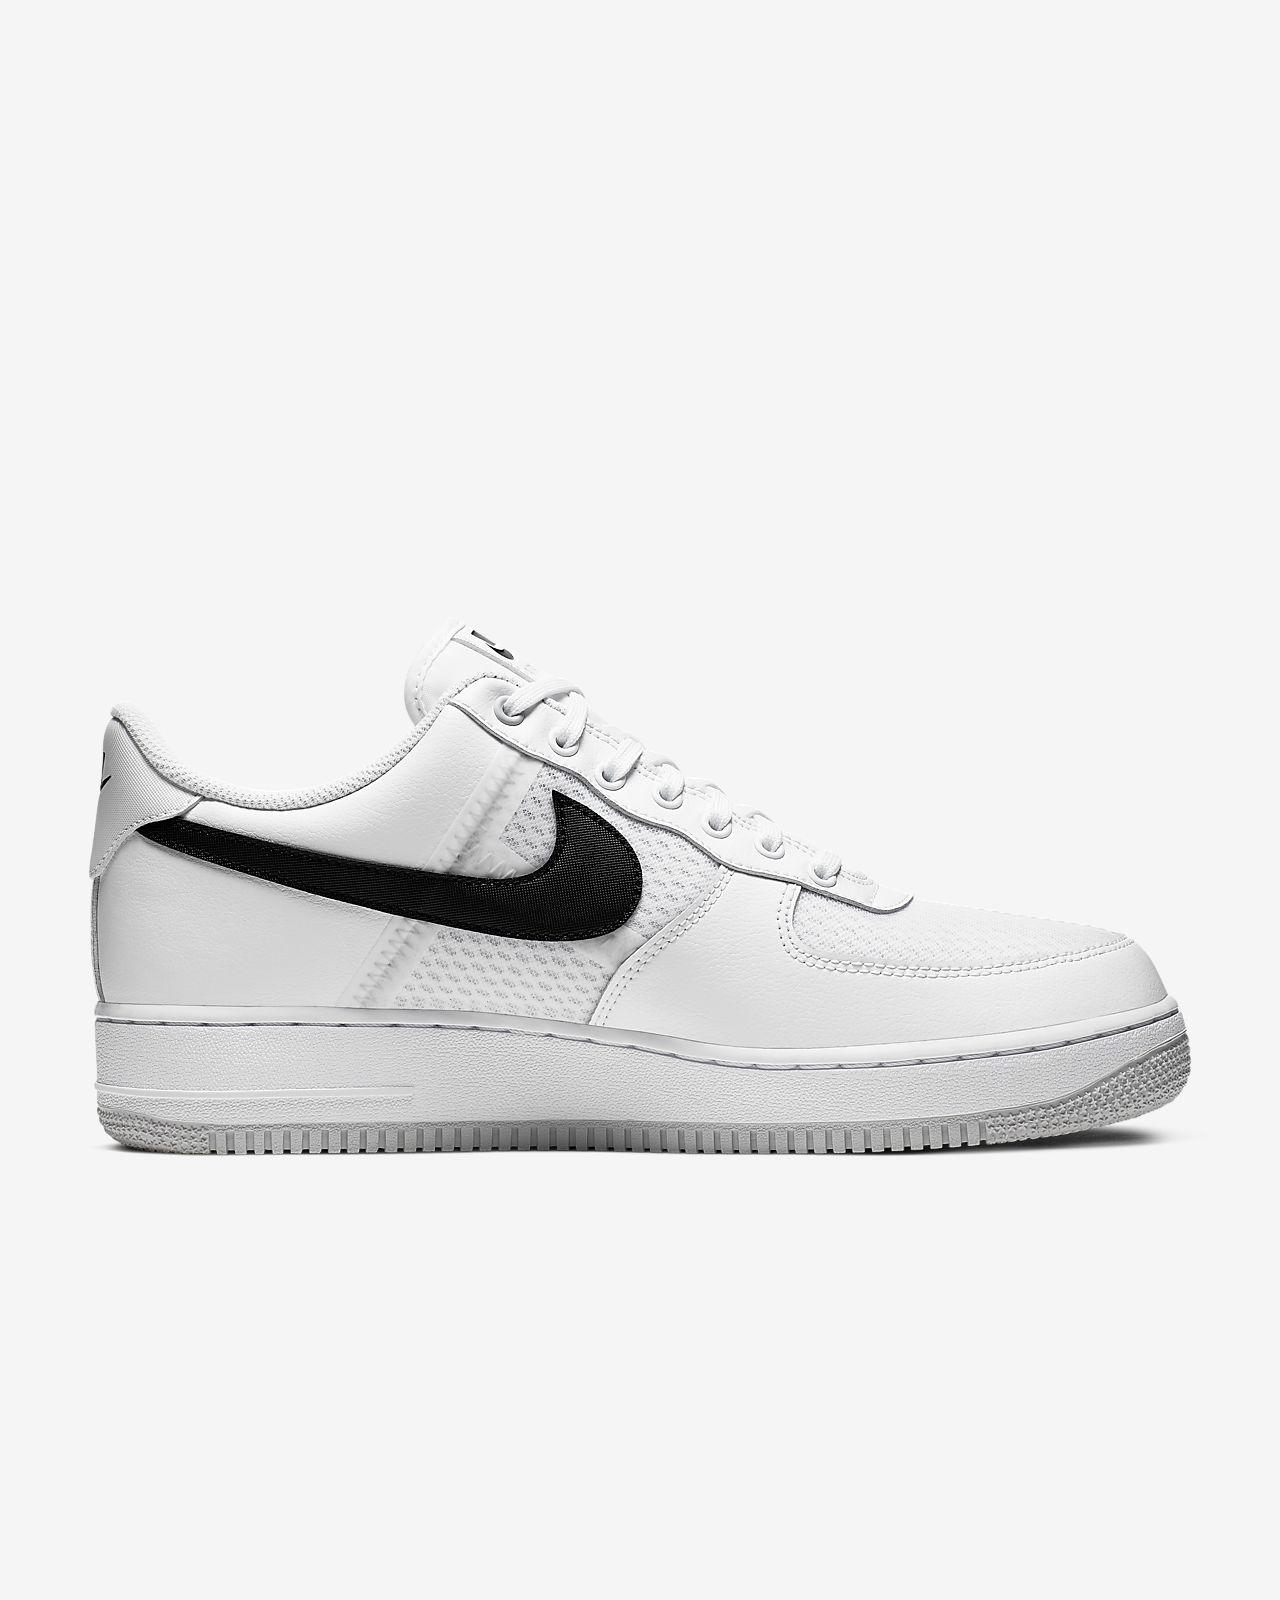 Nike Air Force 1 '07 LV8 Herren | JD Sports